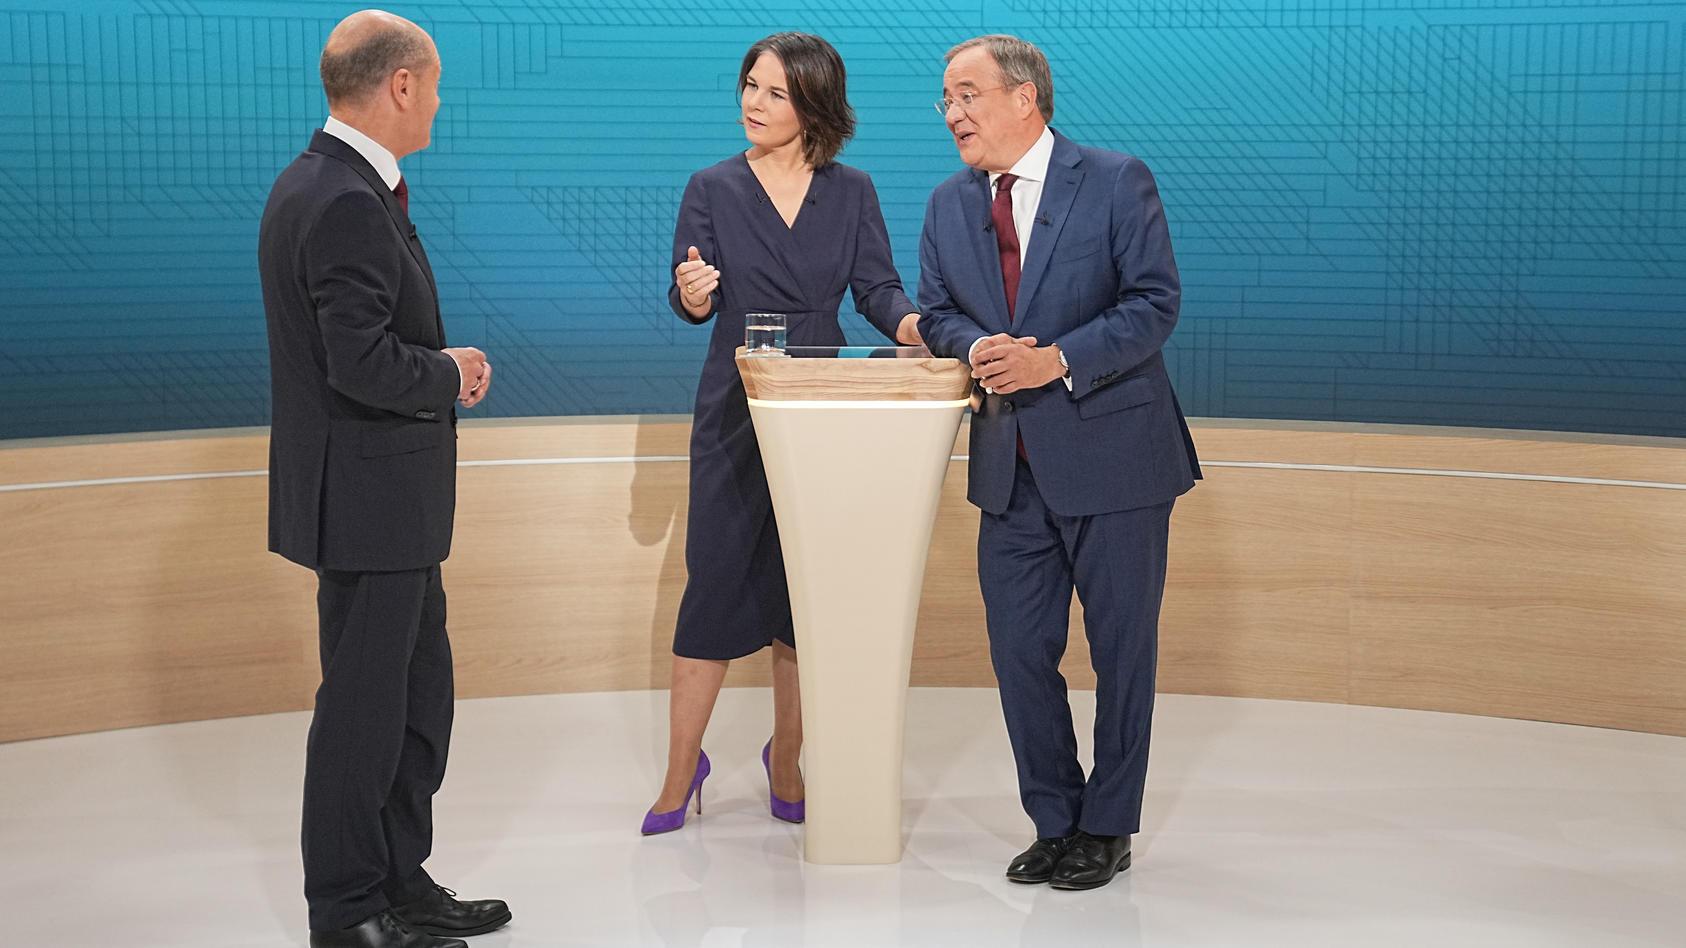 Gerade Armin Laschet und Olaf Scholz lieferten sich im zweiten TV-Triell hitzige Debatten.